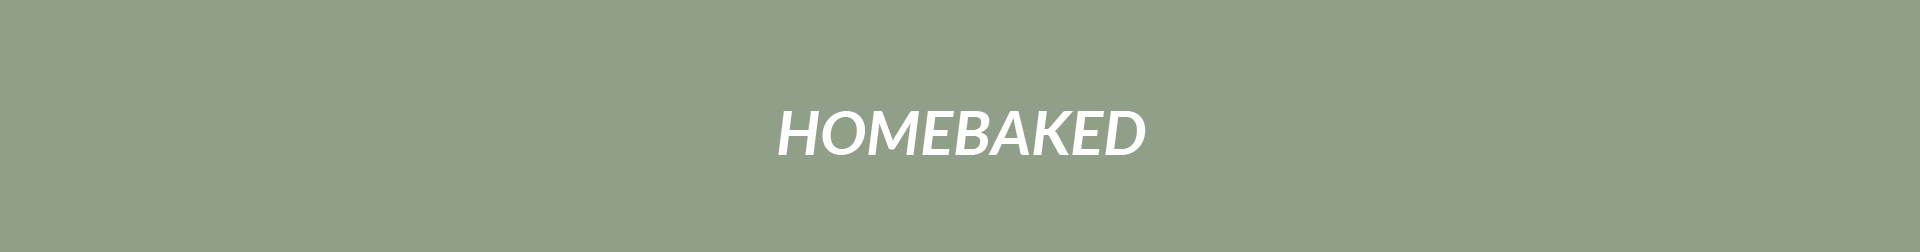 Homebaked 01